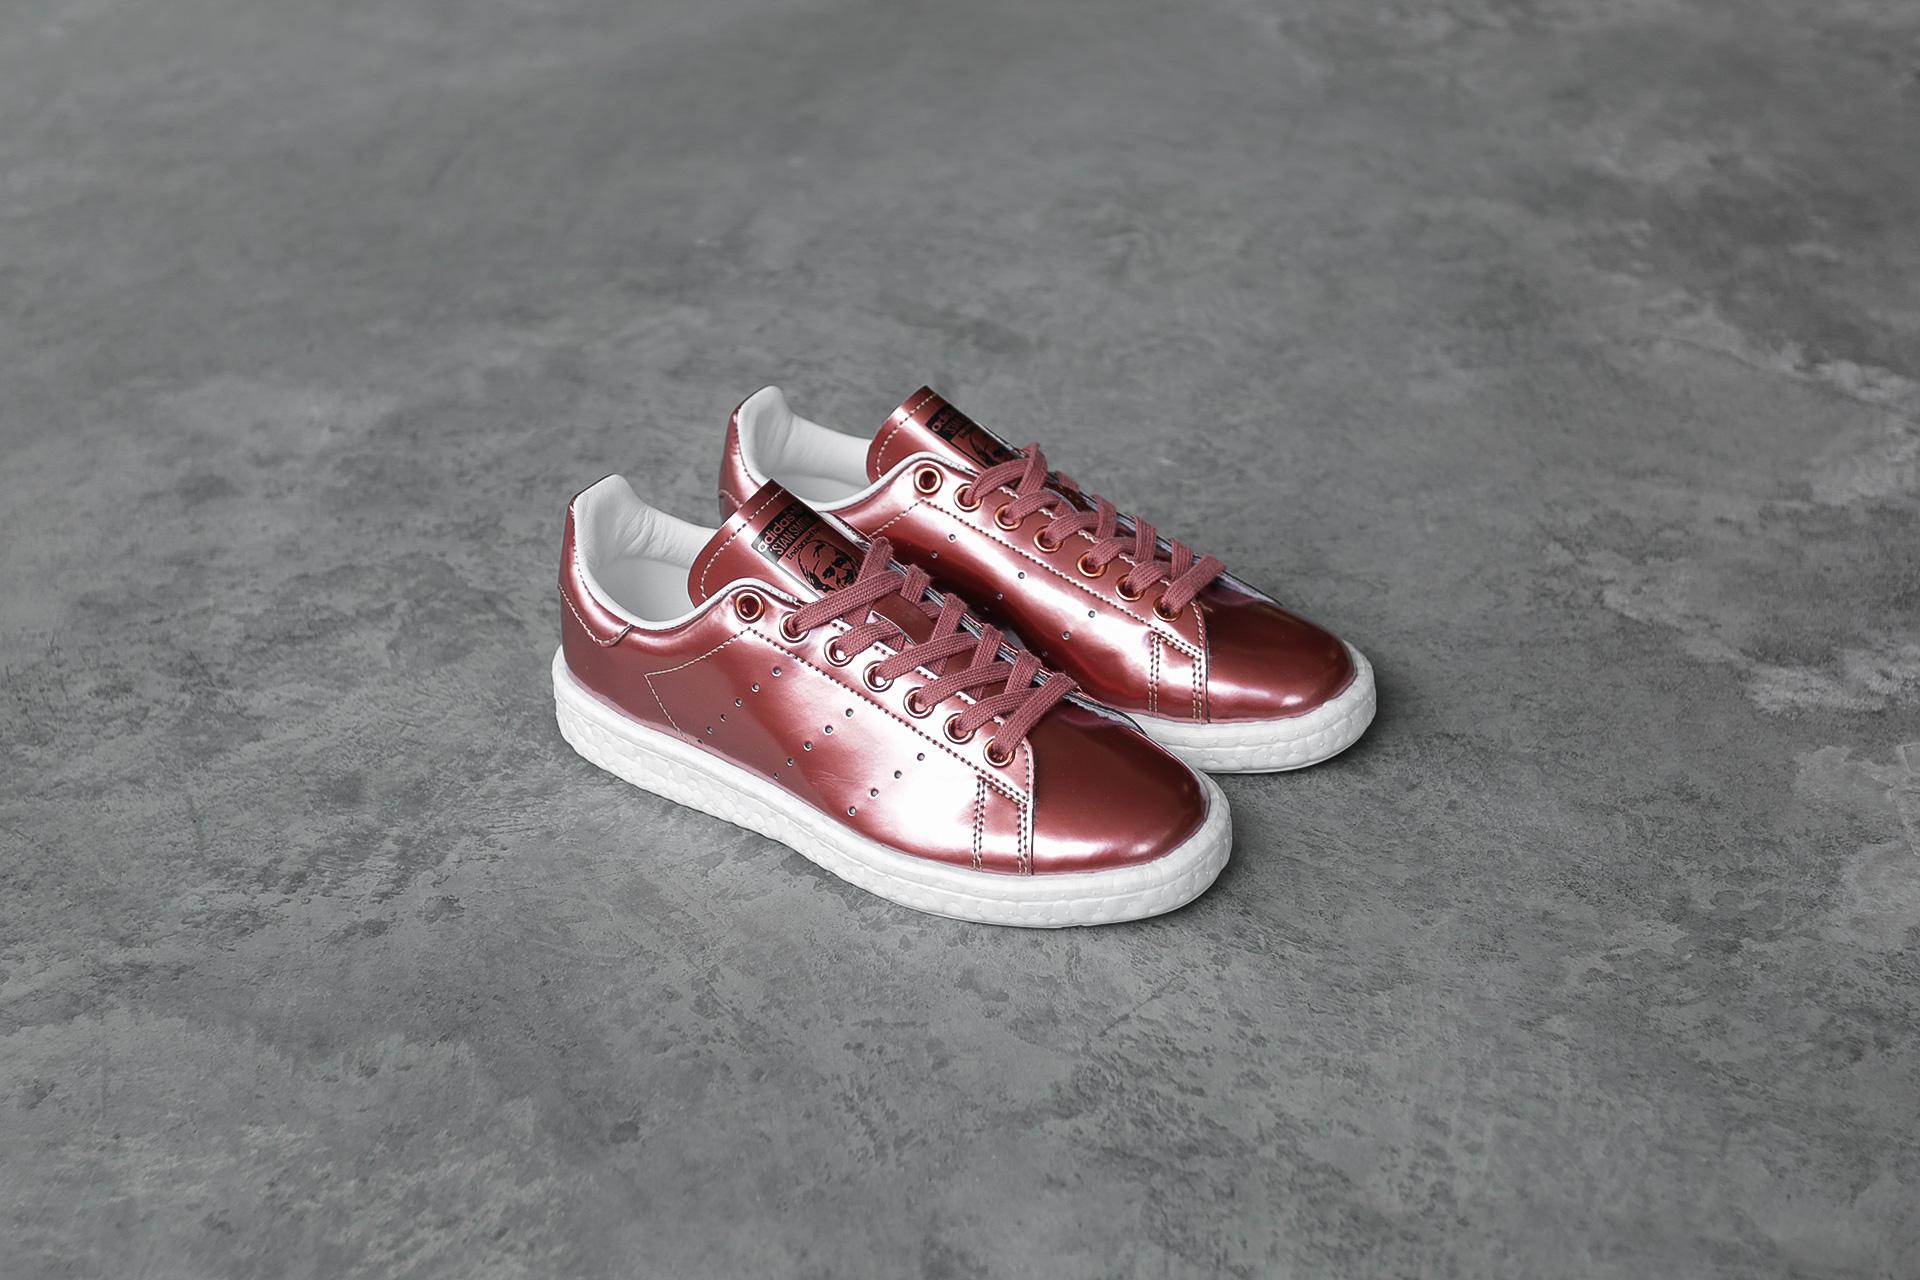 557f8e1e5e89 Купить красные женские кроссовки Stan Smith W от adidas Originals ...